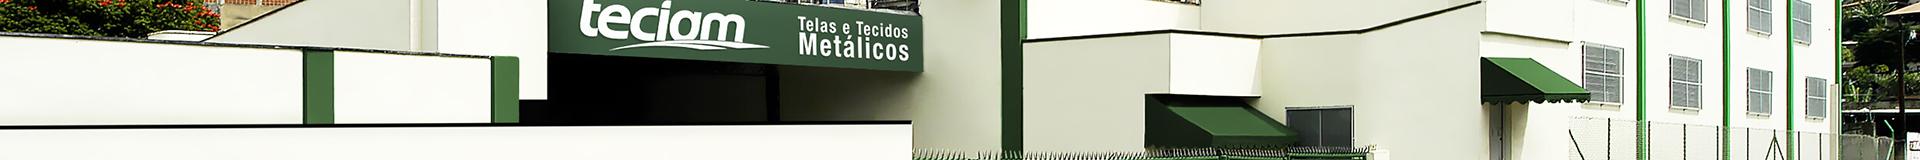 TECIAM - TELAS E TECIDOS METÁLICOS